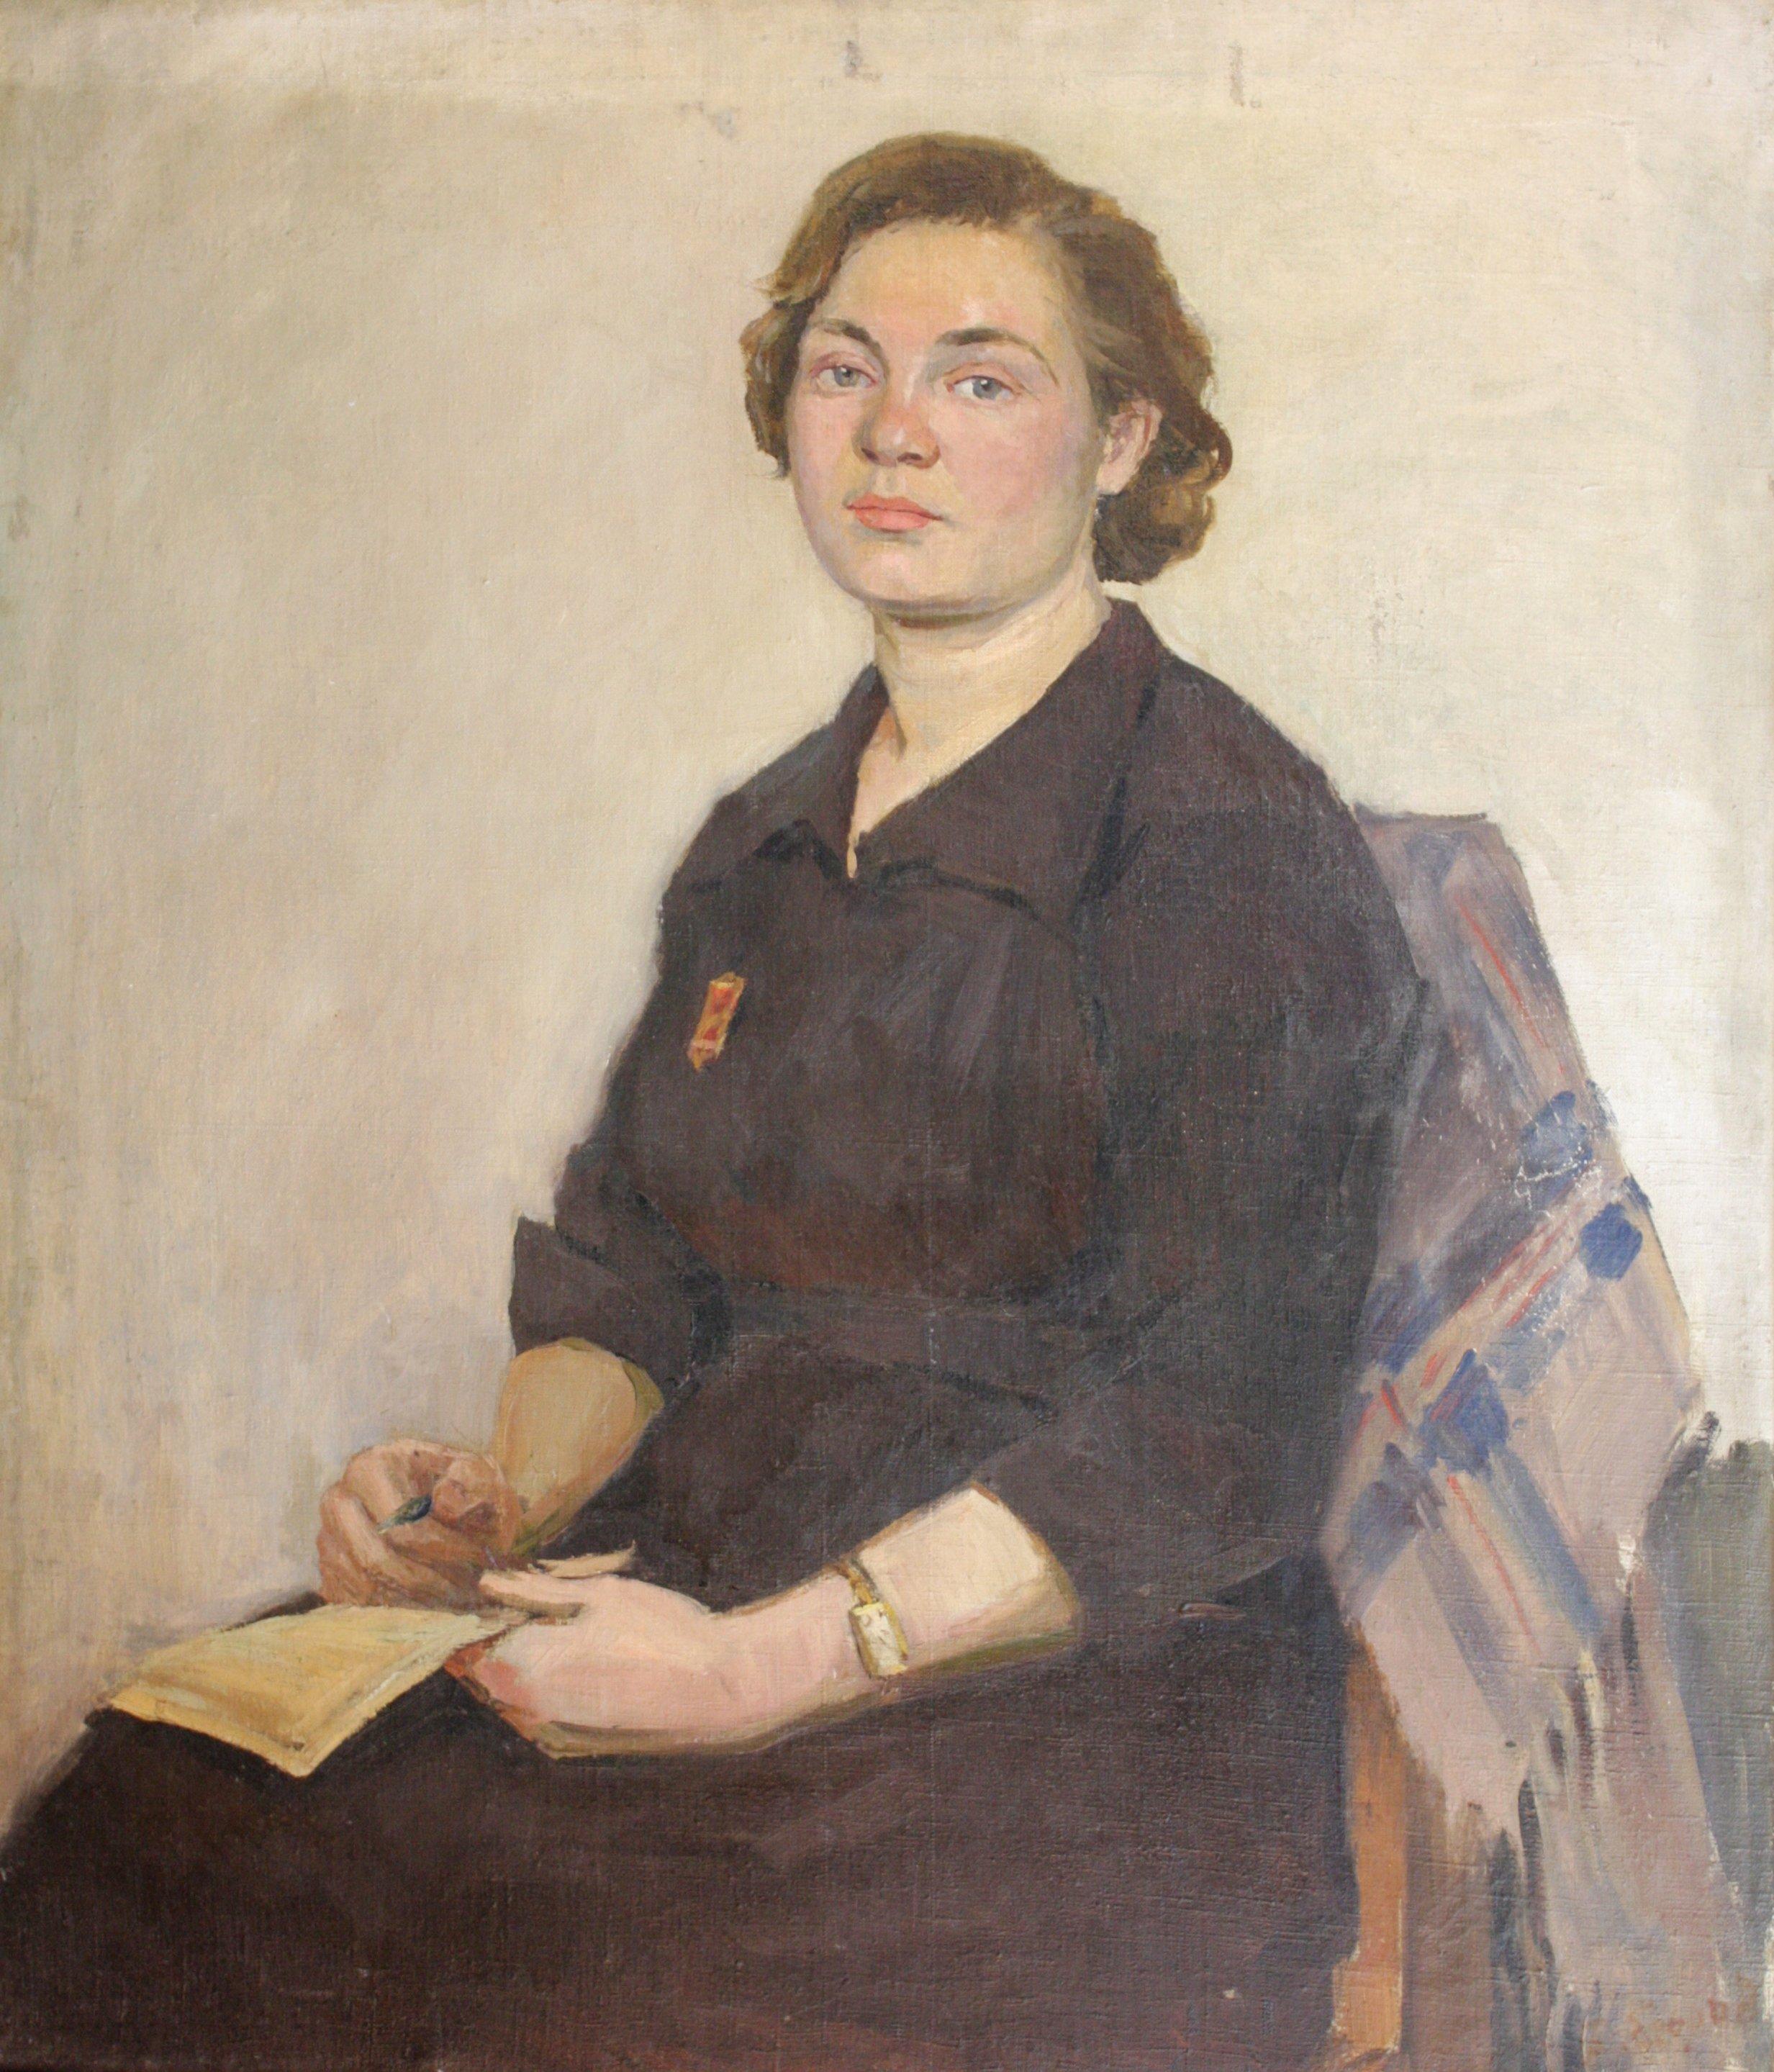 Портрет «Дружинница» 1952 - Егоров Борис Кузьмич